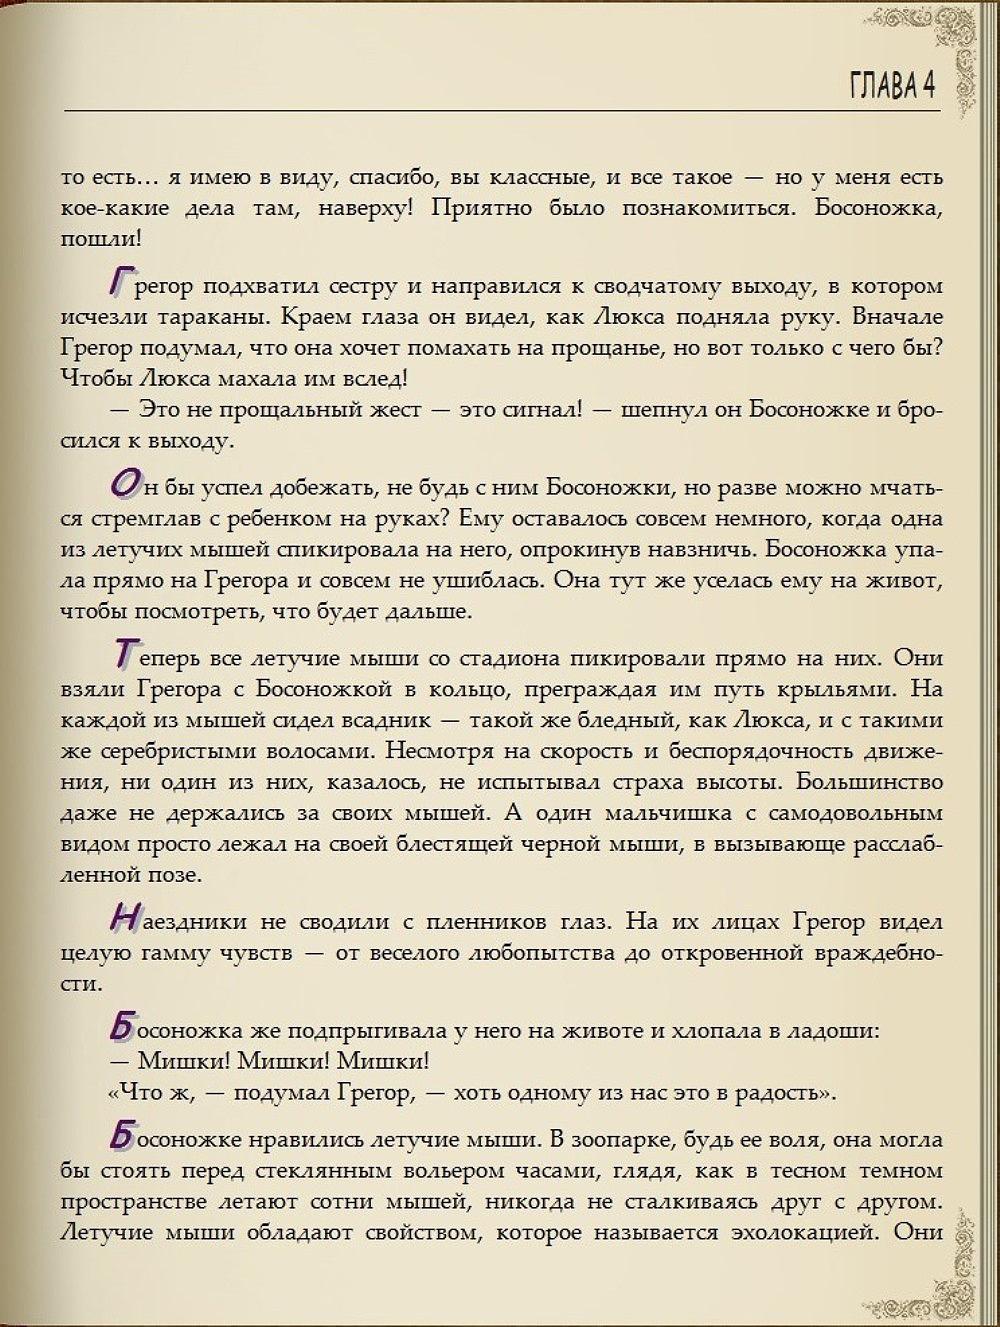 http://i3.imageban.ru/out/2013/12/27/4c5020940cdf889a35e16997f43cb10f.jpg